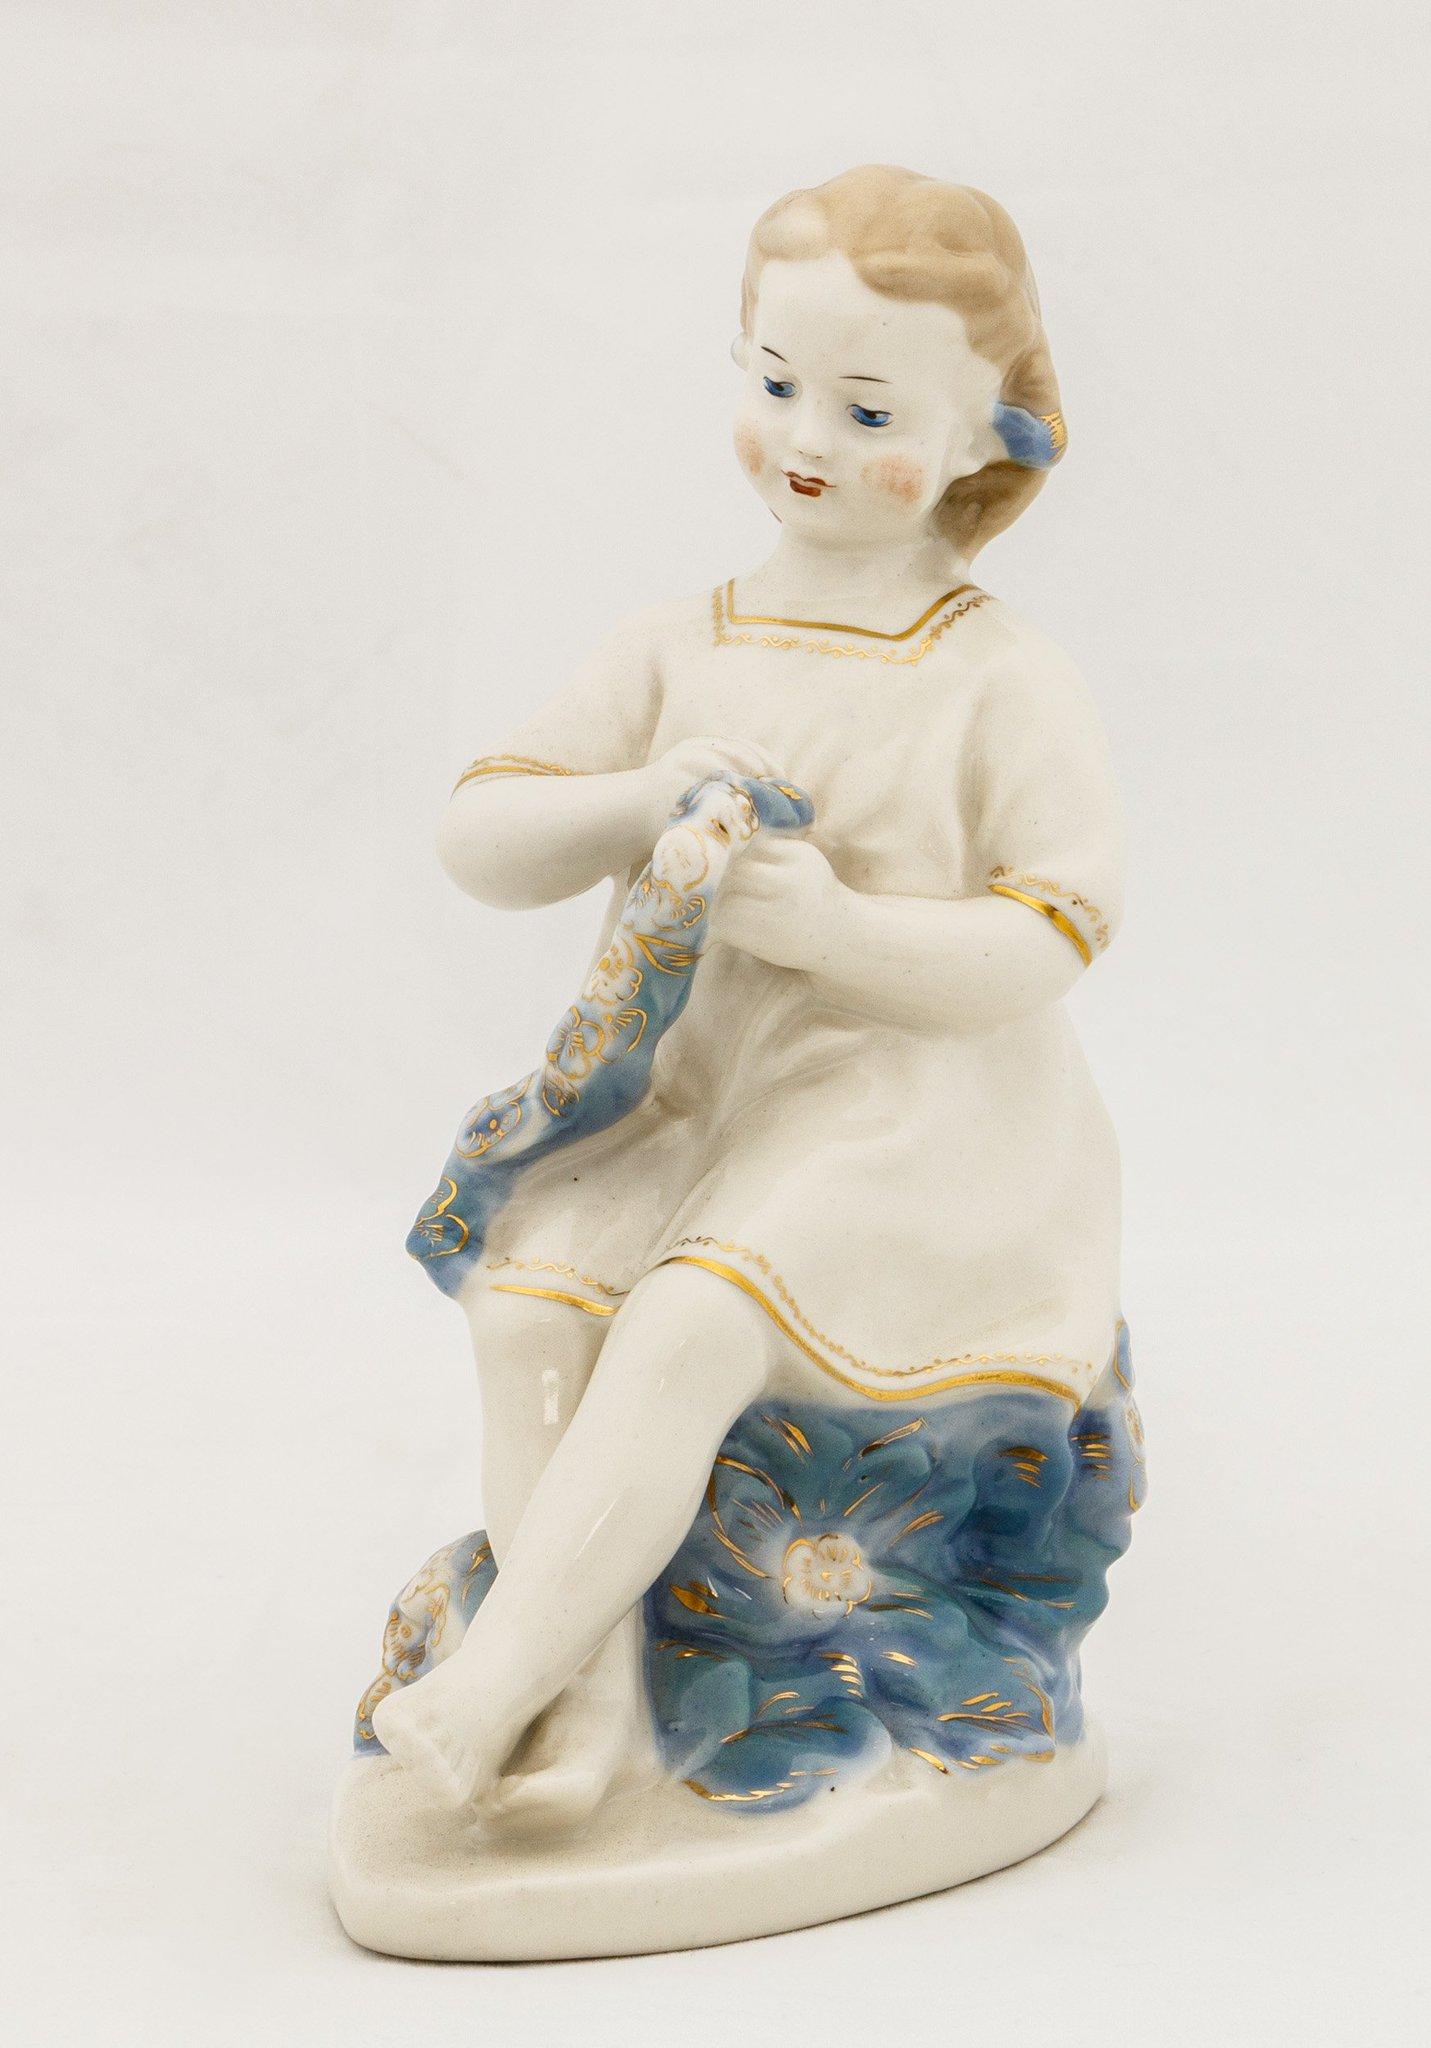 жилых картинки фарфоровых статуэток ссср много-много счастья, любви